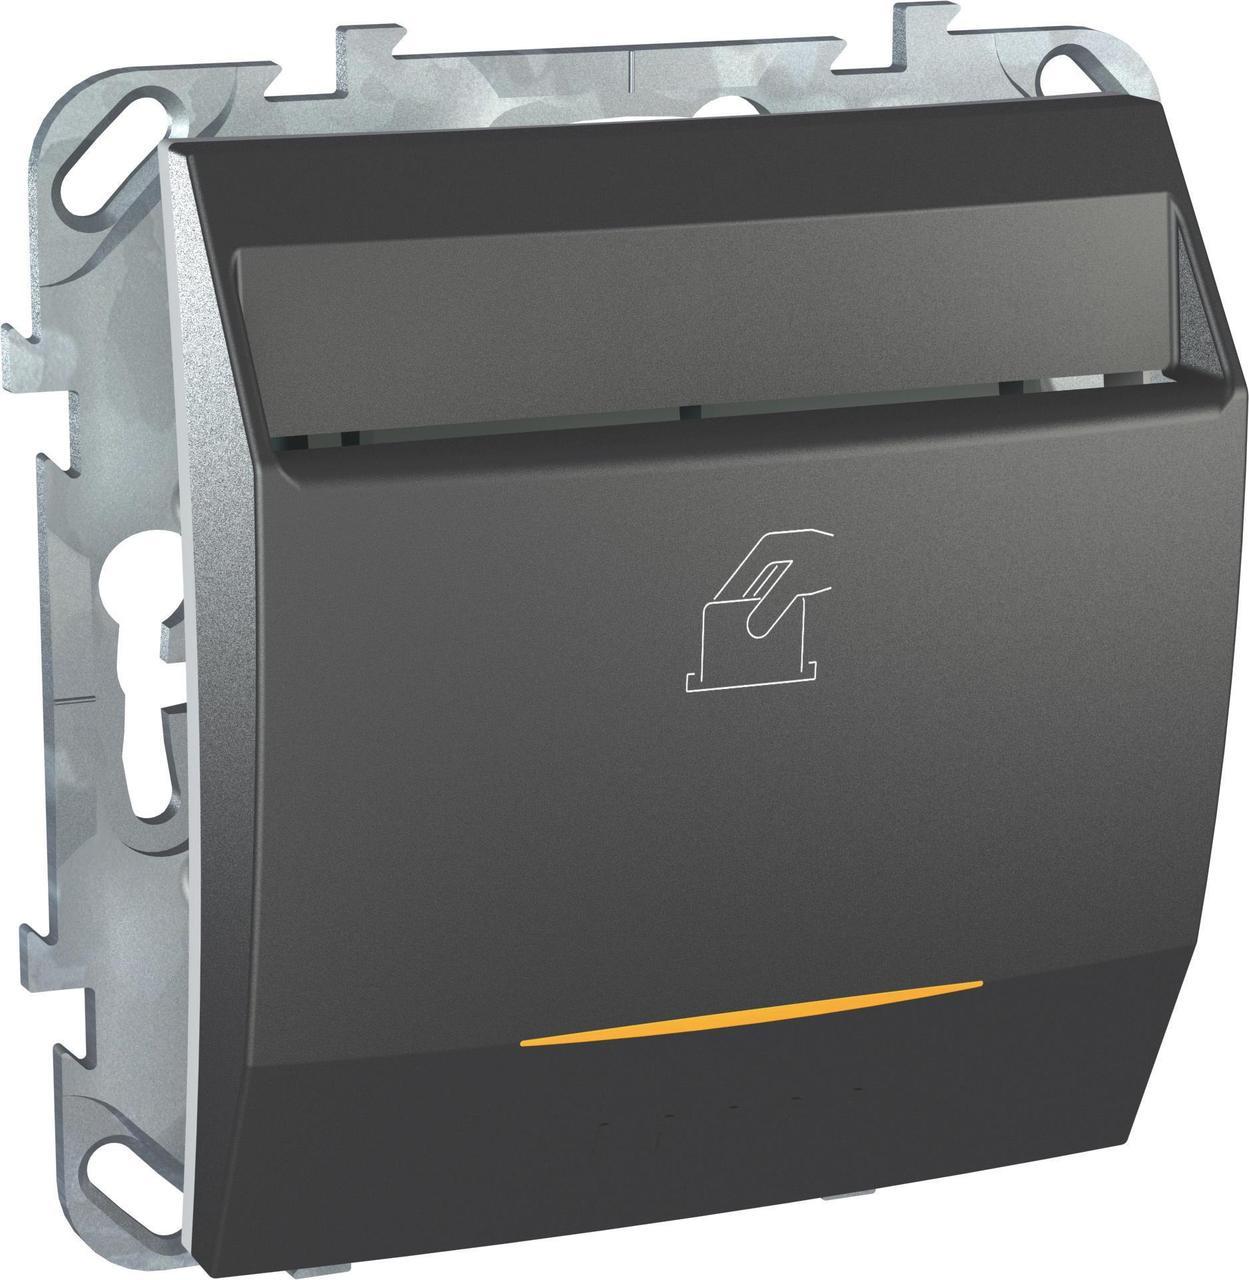 Выключатель карточный для гостиниц , Графит, серия UNICA TOP/CLASS, Schneider Electric